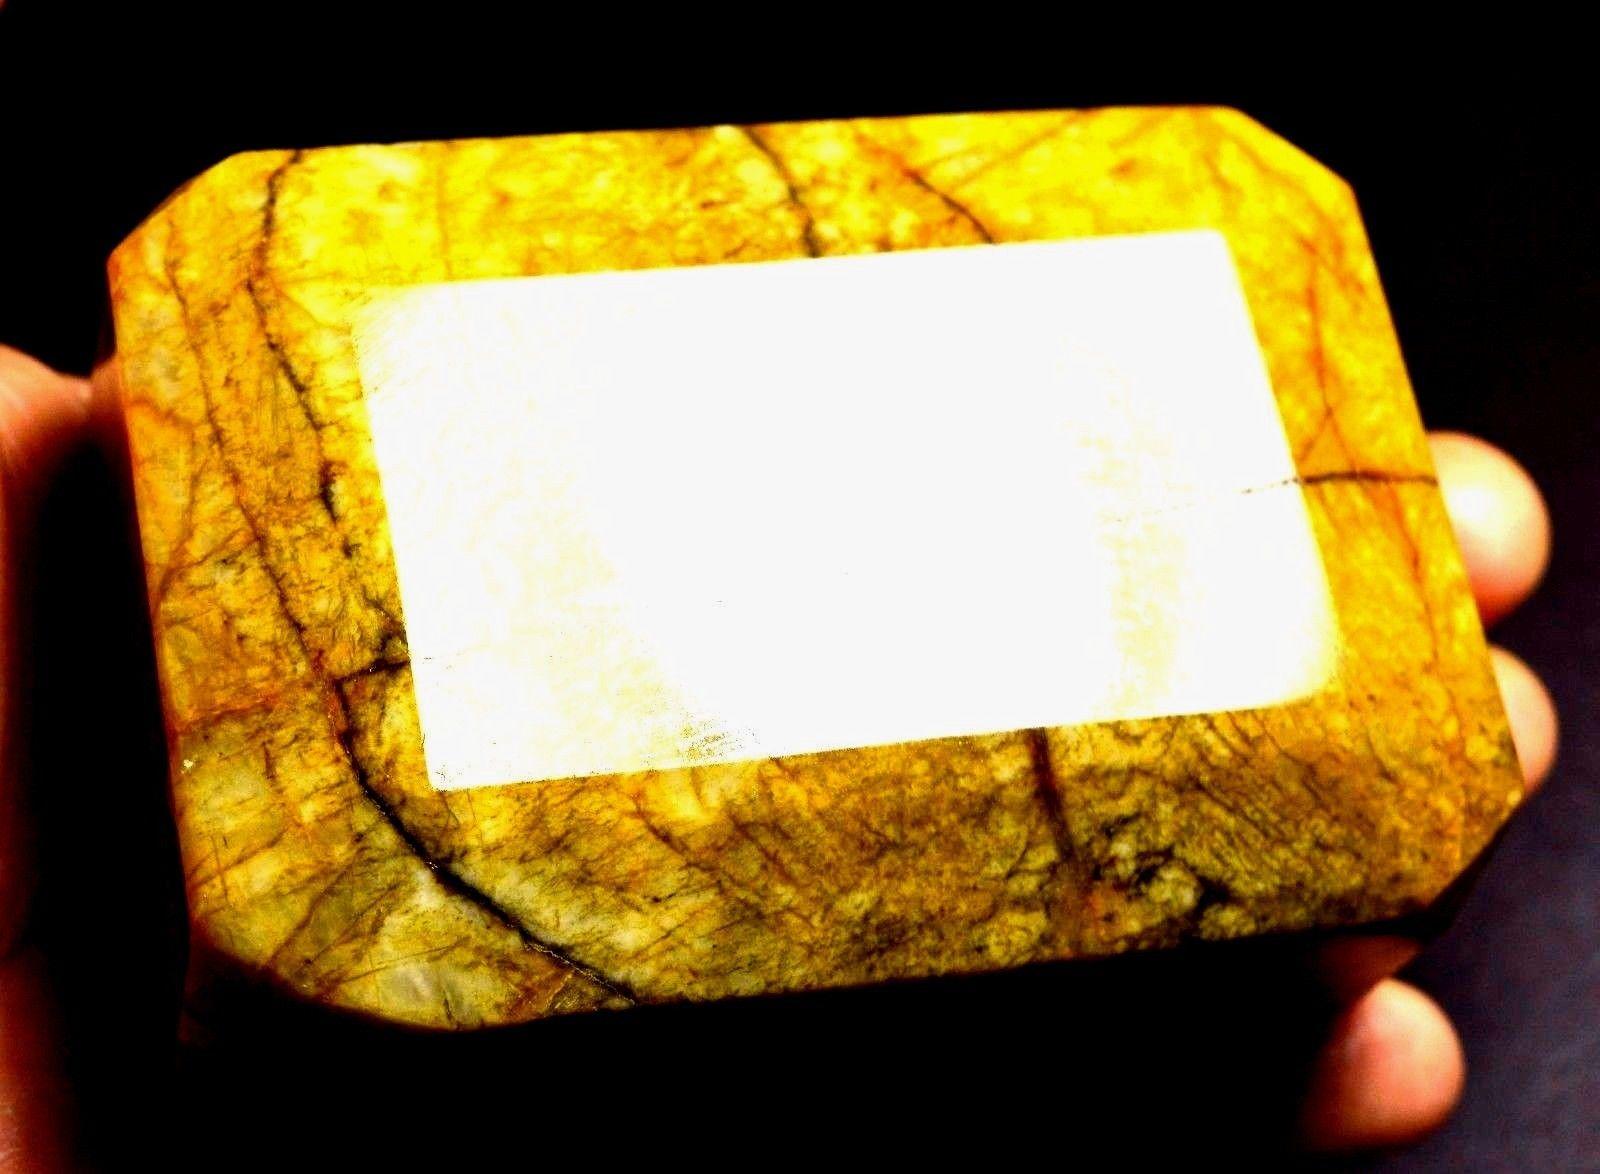 חלוק ענקי של הליודור מלוטשת מאפגניסטן, 2144 קרט. באדיבות האתר הישראלי www.sapphire.co.il